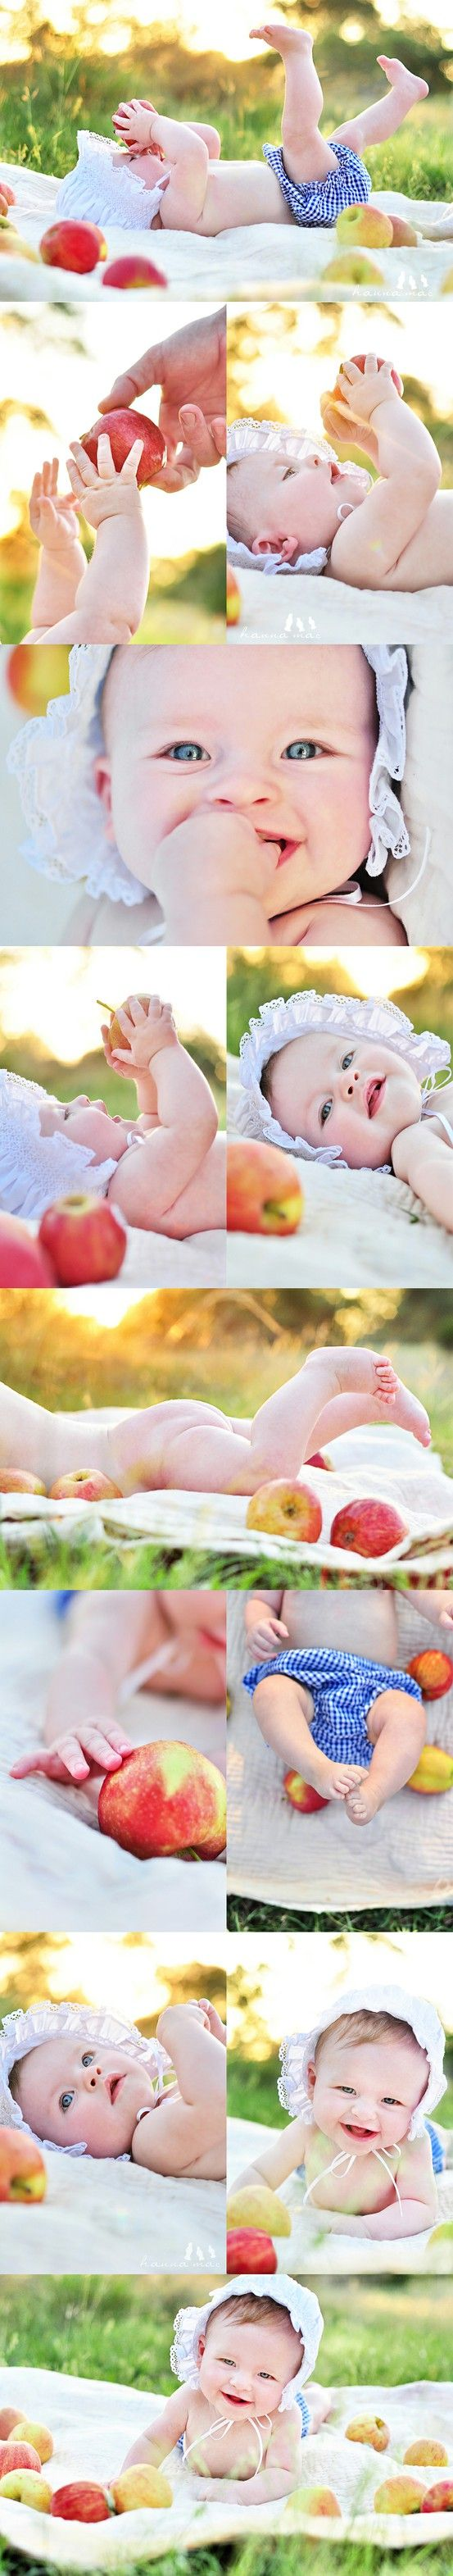 15 ideias de fotos de bebê e crianças com comida (saudável)                                                                                                                                                                                 Mais